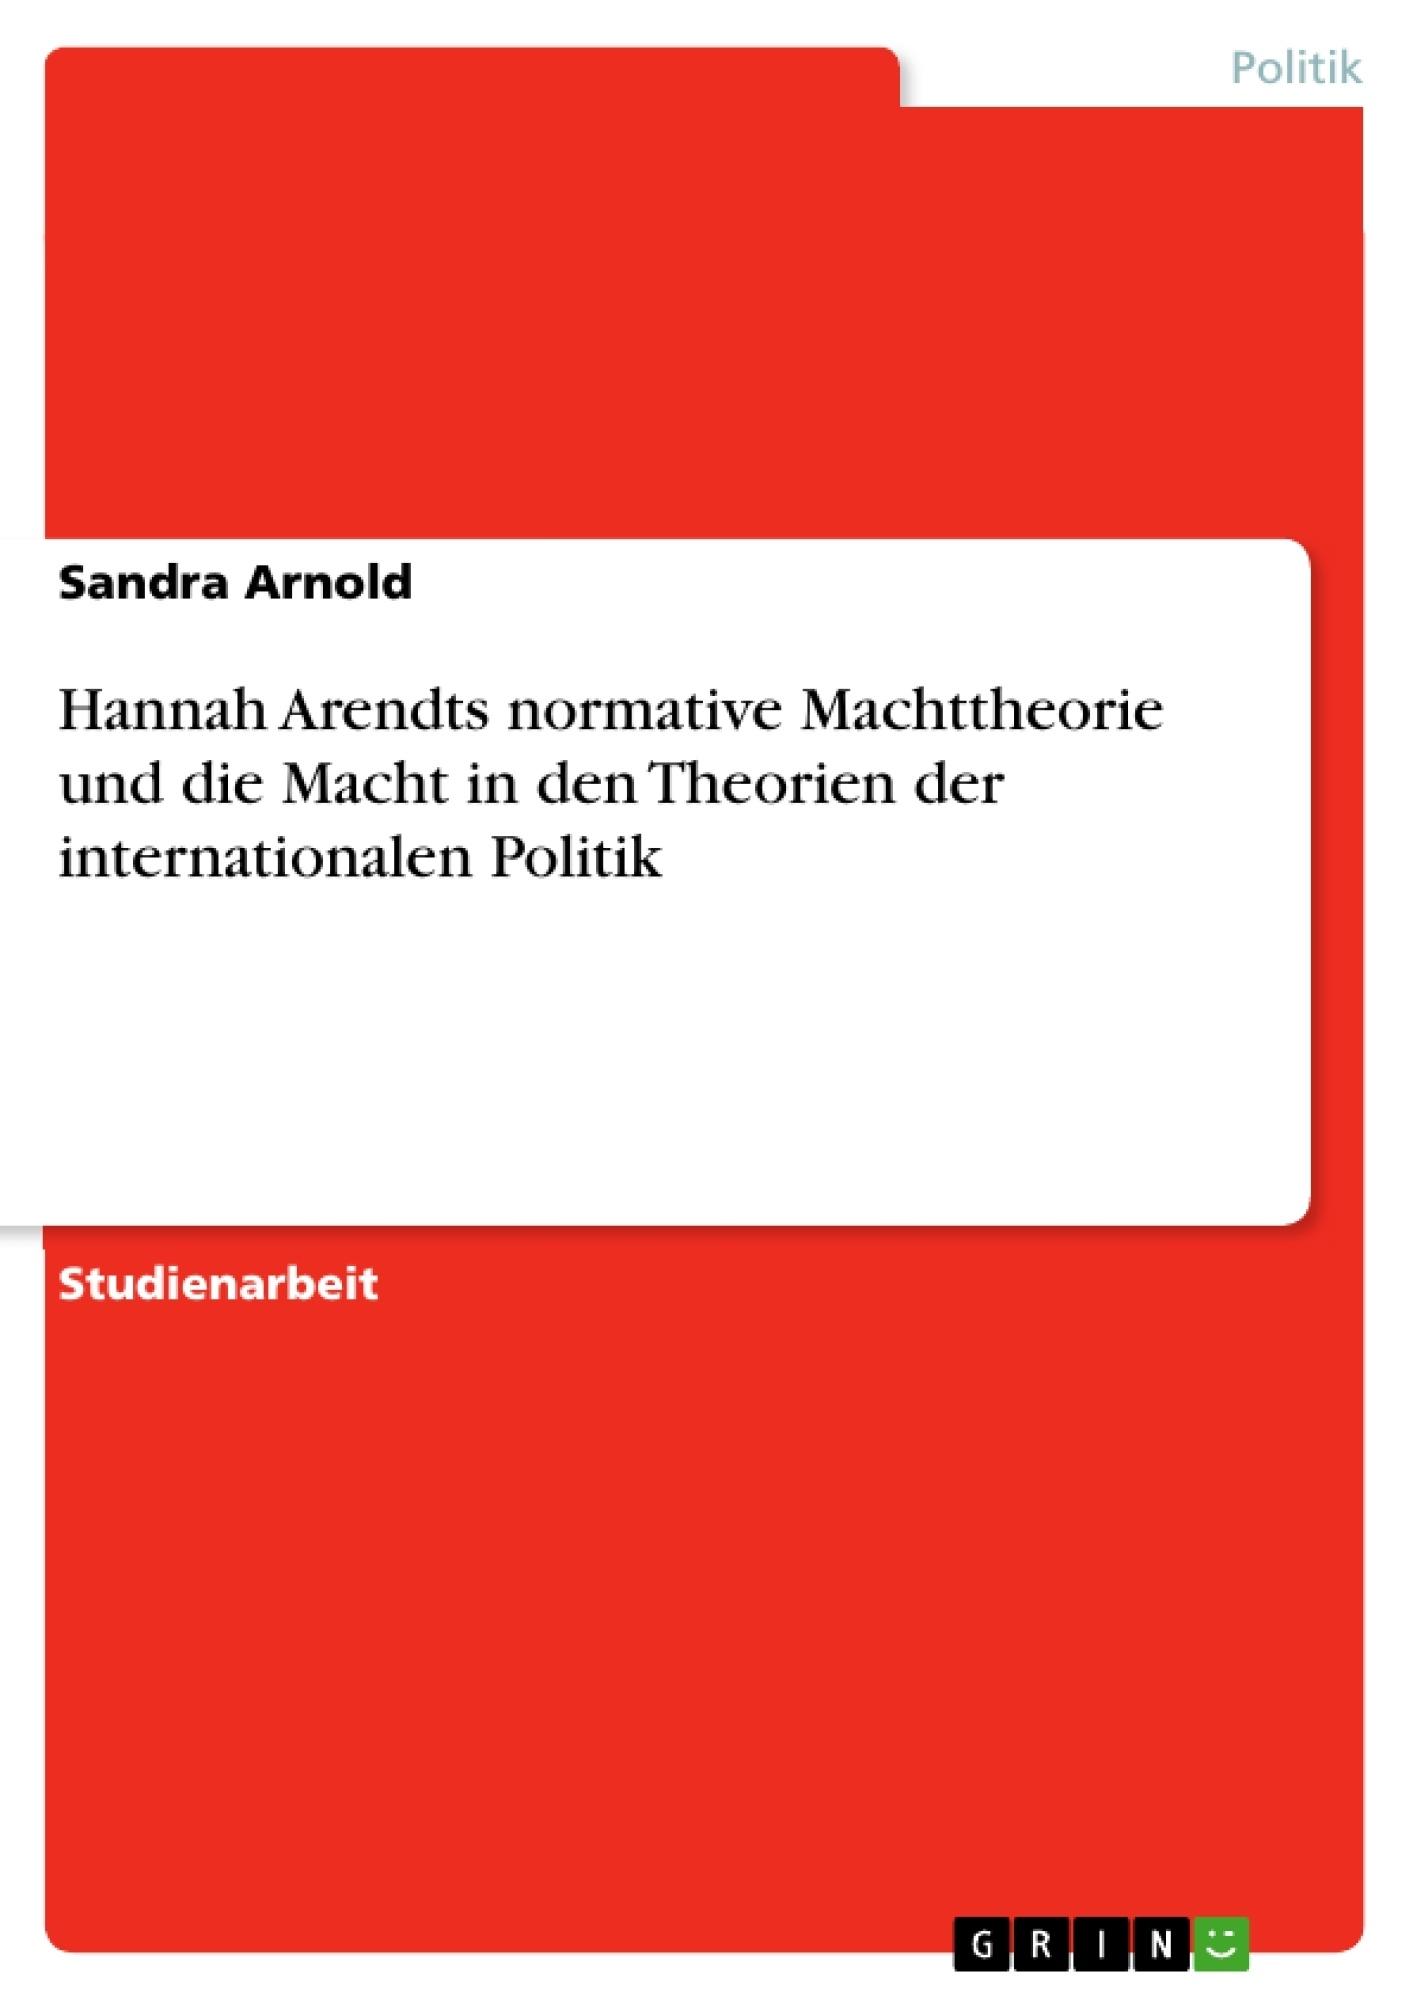 Titel: Hannah Arendts normative Machttheorie und die Macht in den Theorien der internationalen Politik